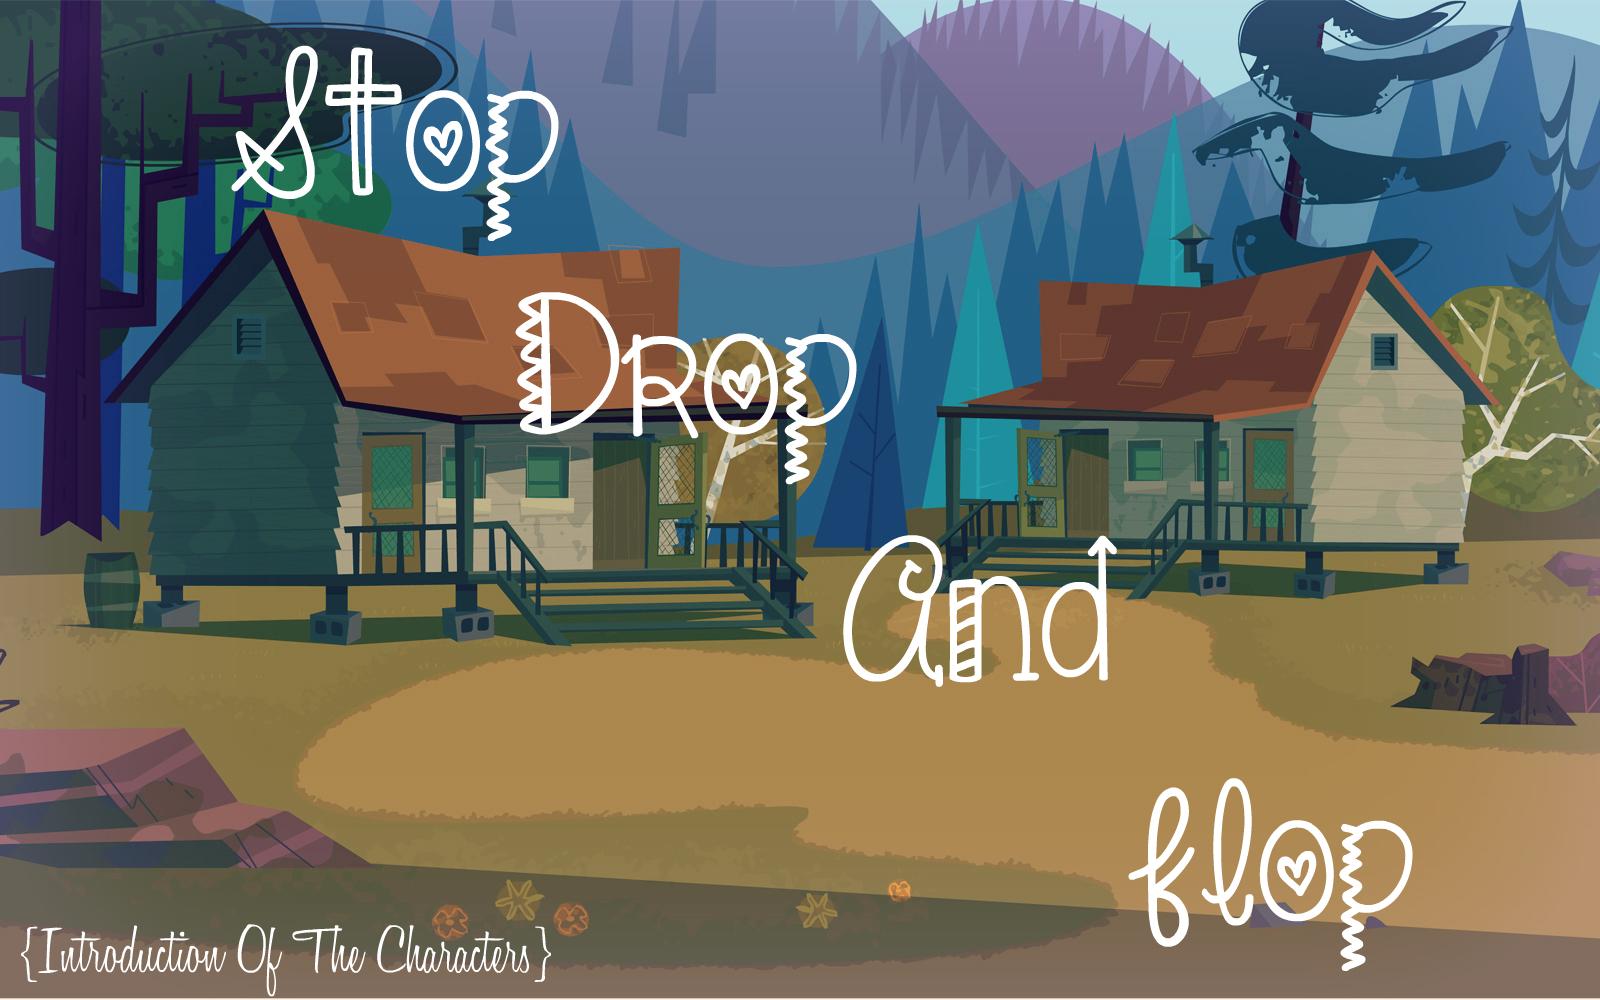 StopDropFlop! owo